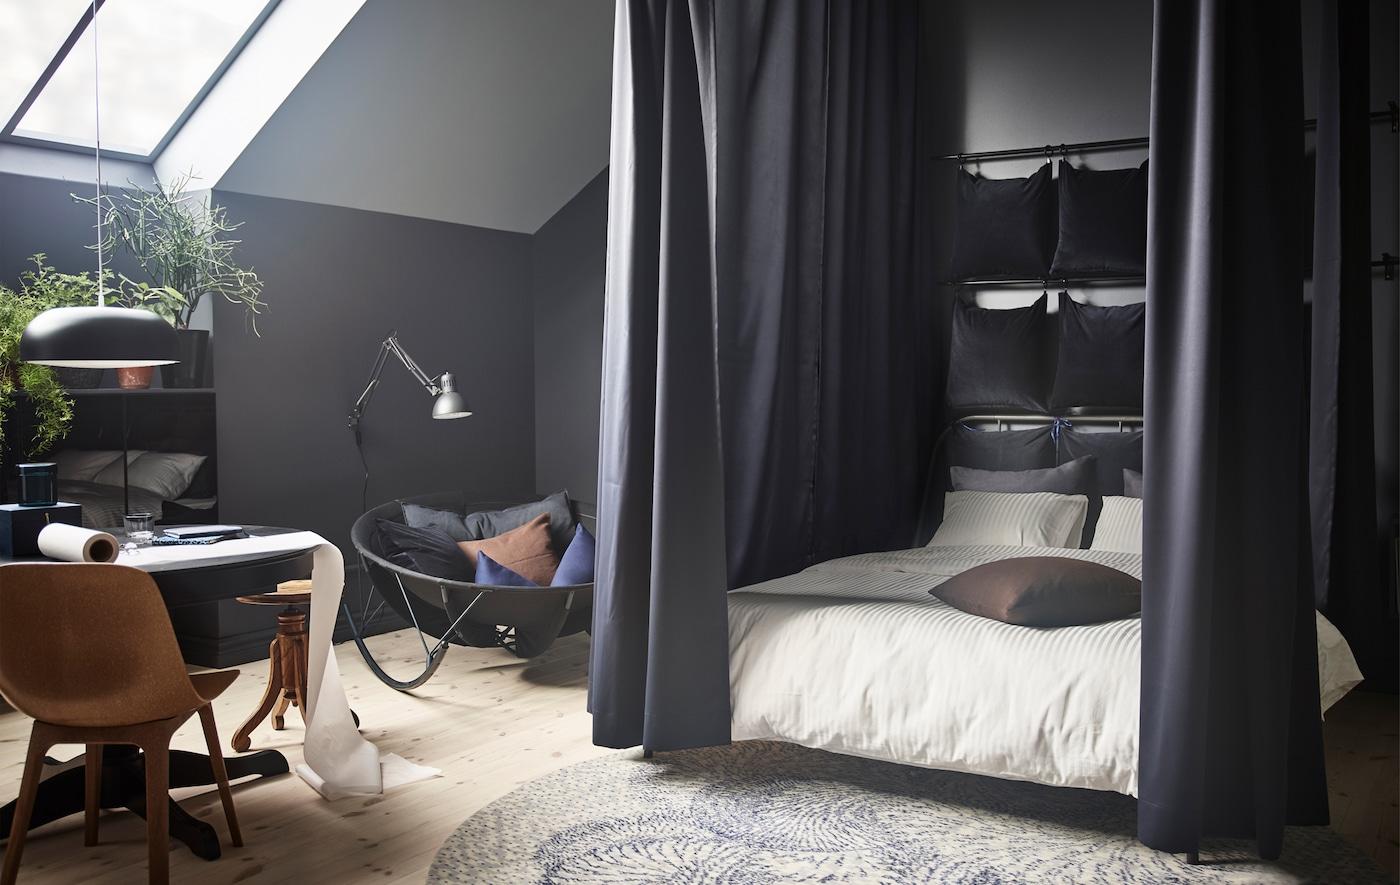 Dormitorio moderno con paredes oscuras, cortinas de cama, un rincón de lectura y una mesa para comer o trabajar.